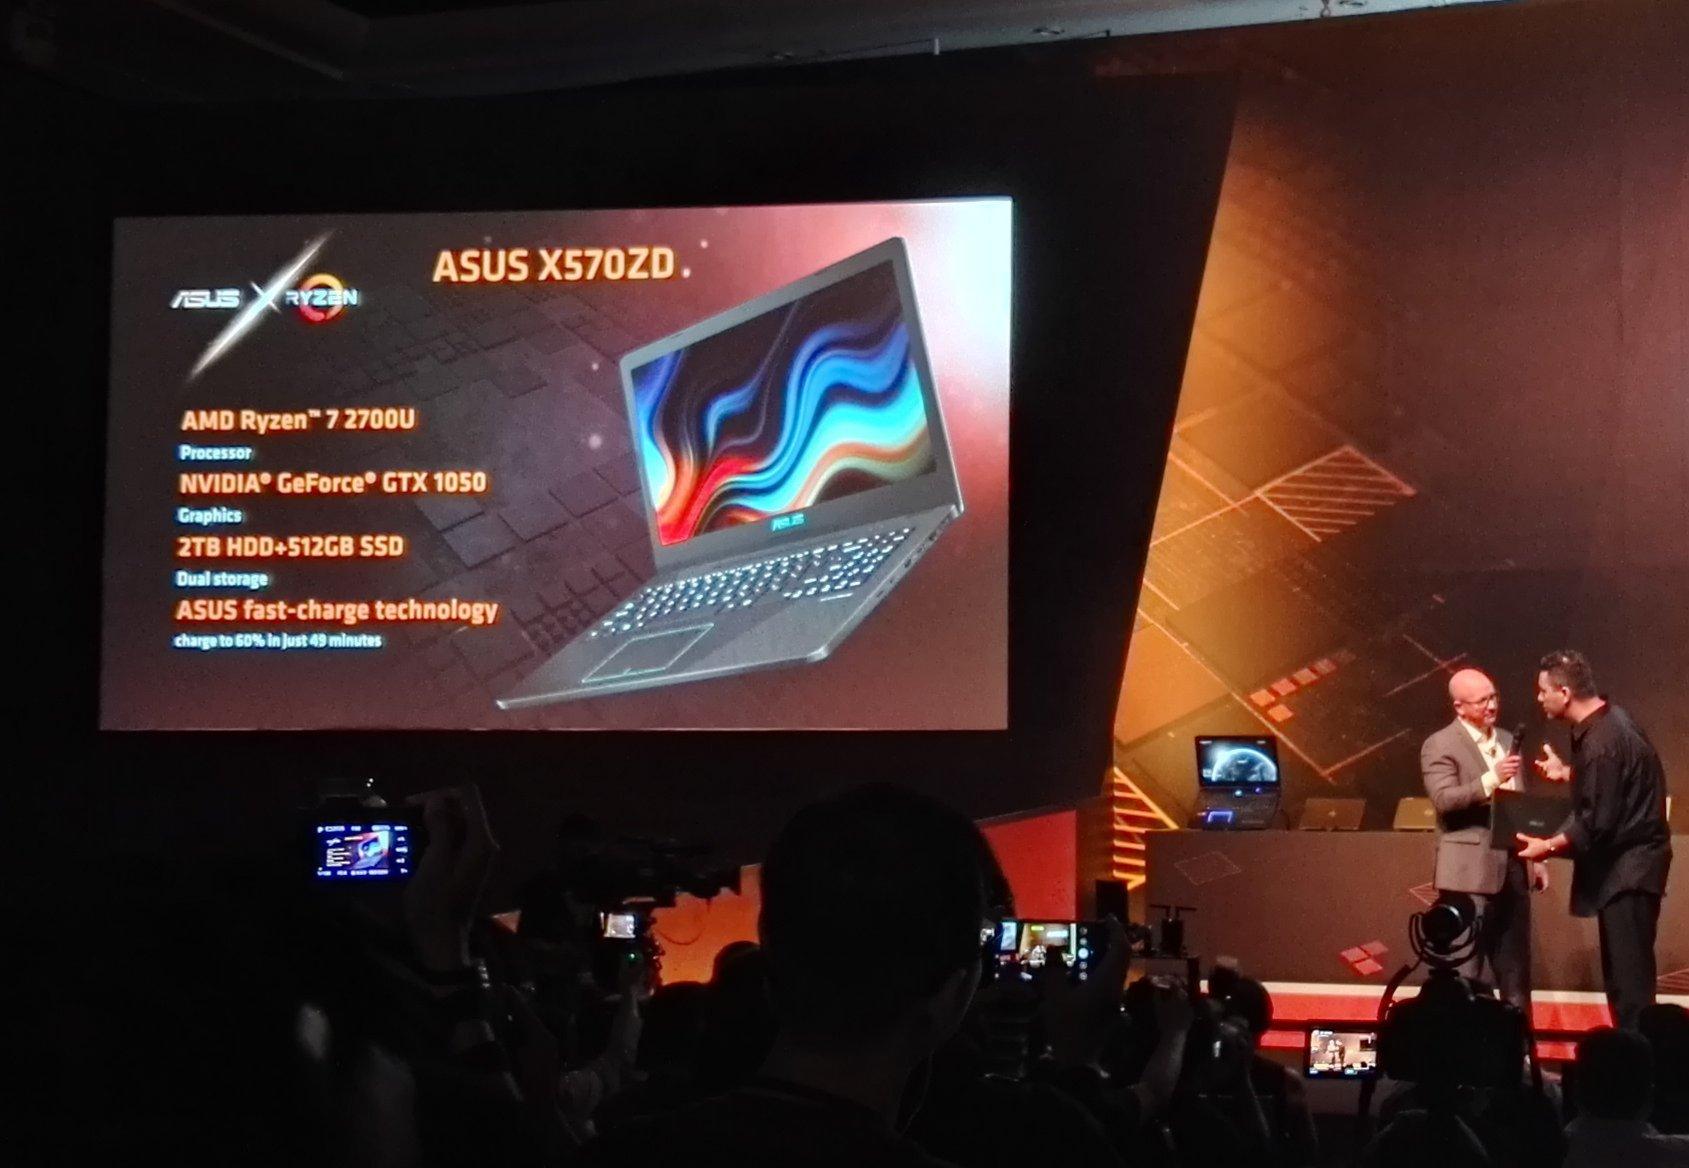 Asus X570ZD Notebook GTX 1050